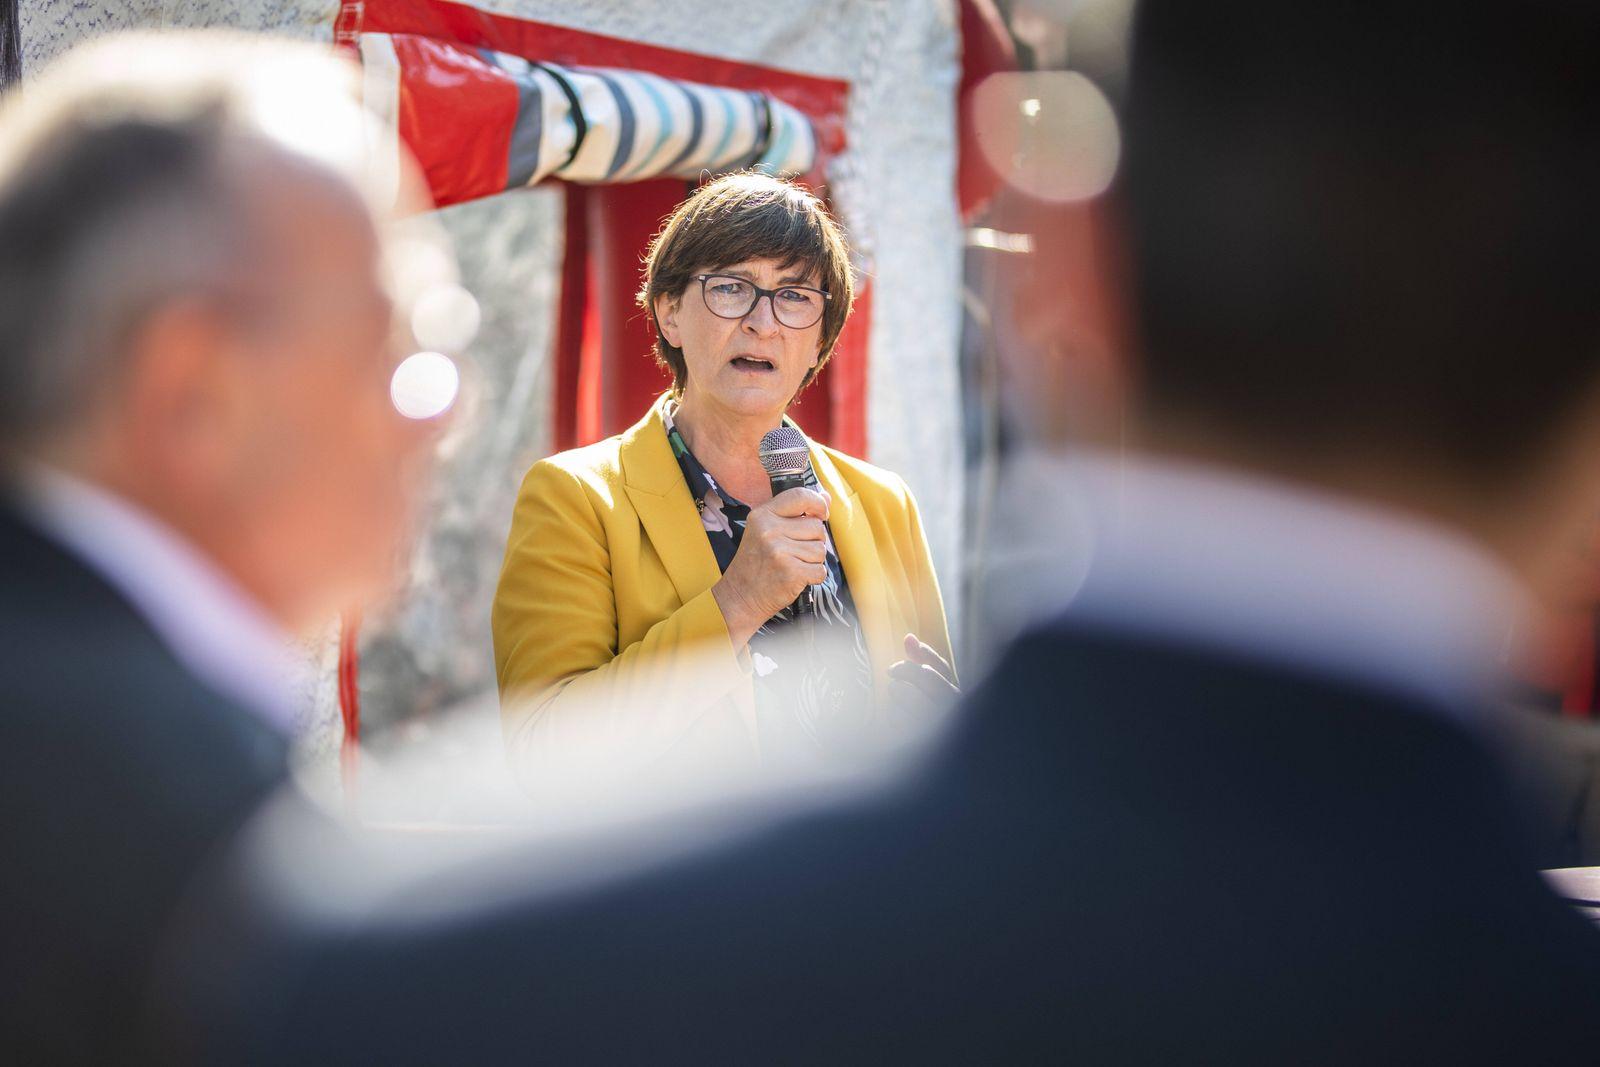 Saskia Esken, Bundesvorsitzender der SPD, bei einem Wahlkampfauftritt zur Kommunalwahl, aufgenommen im Rahmen der Press